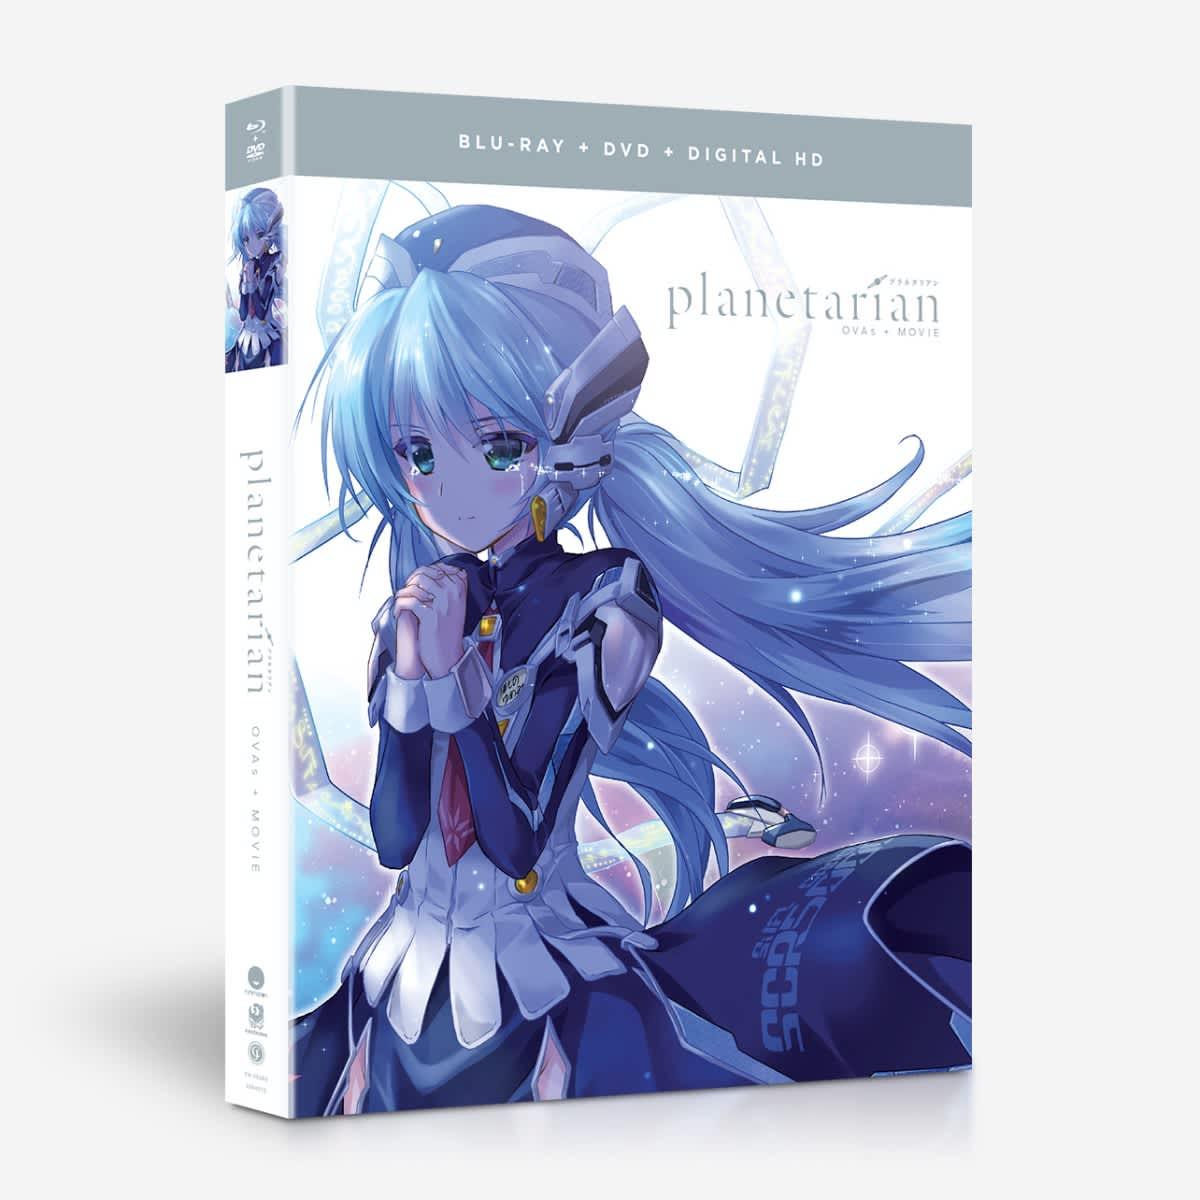 Planetarian OVAs + Movie Blu-ray/DVD